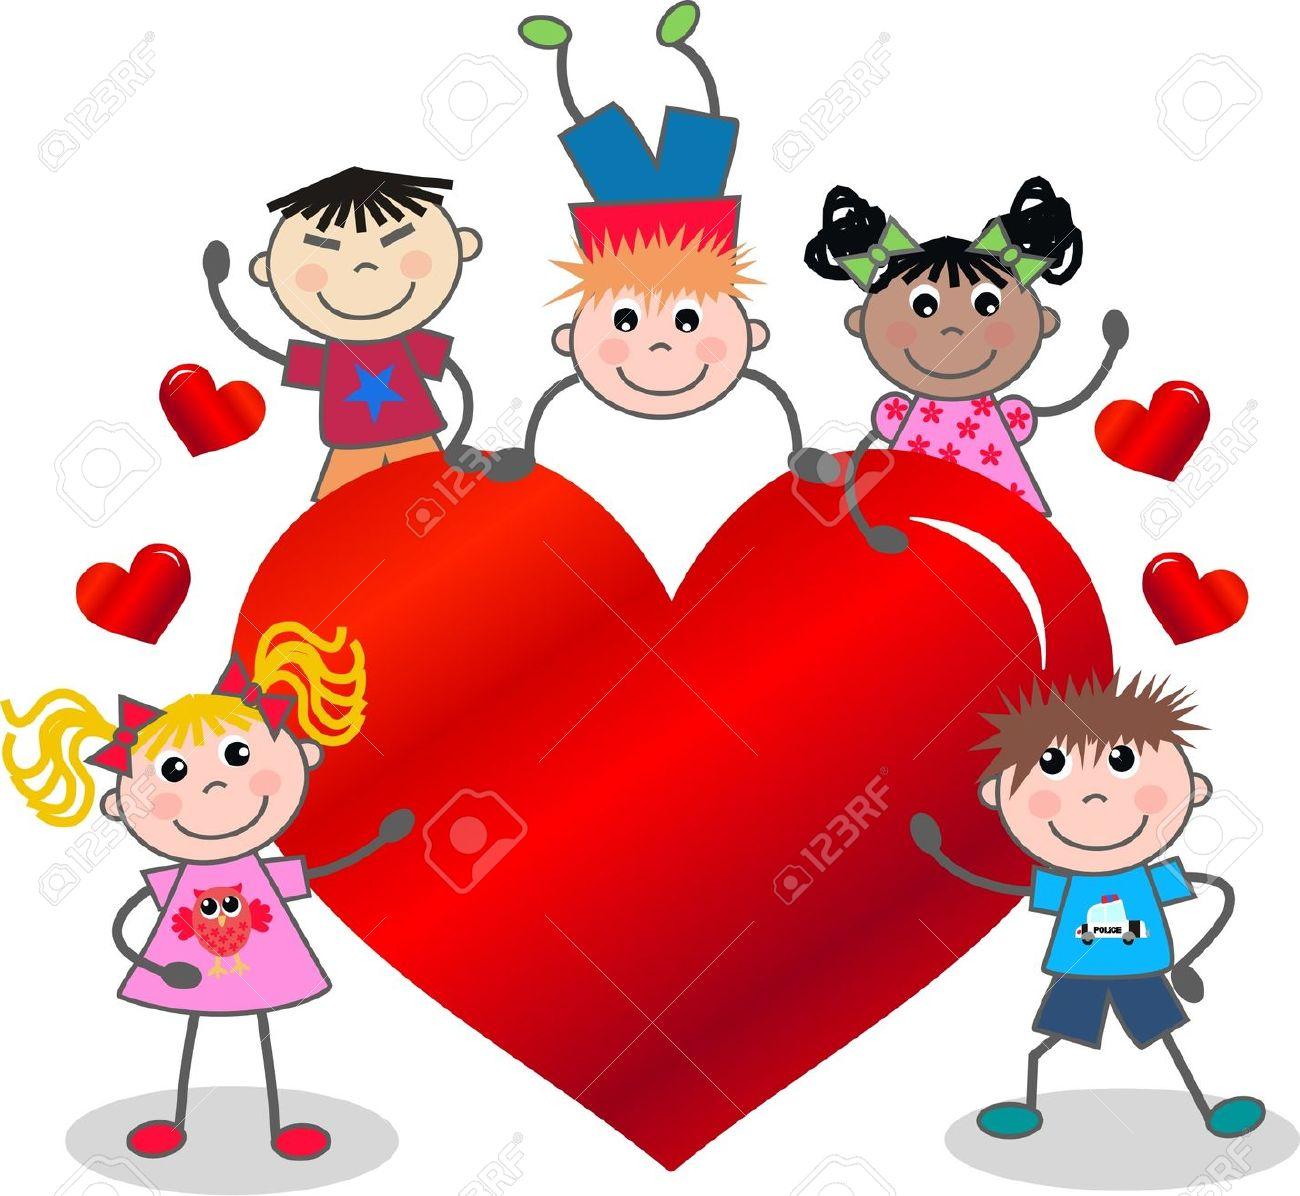 Schön Valentines Day Family Clipart.